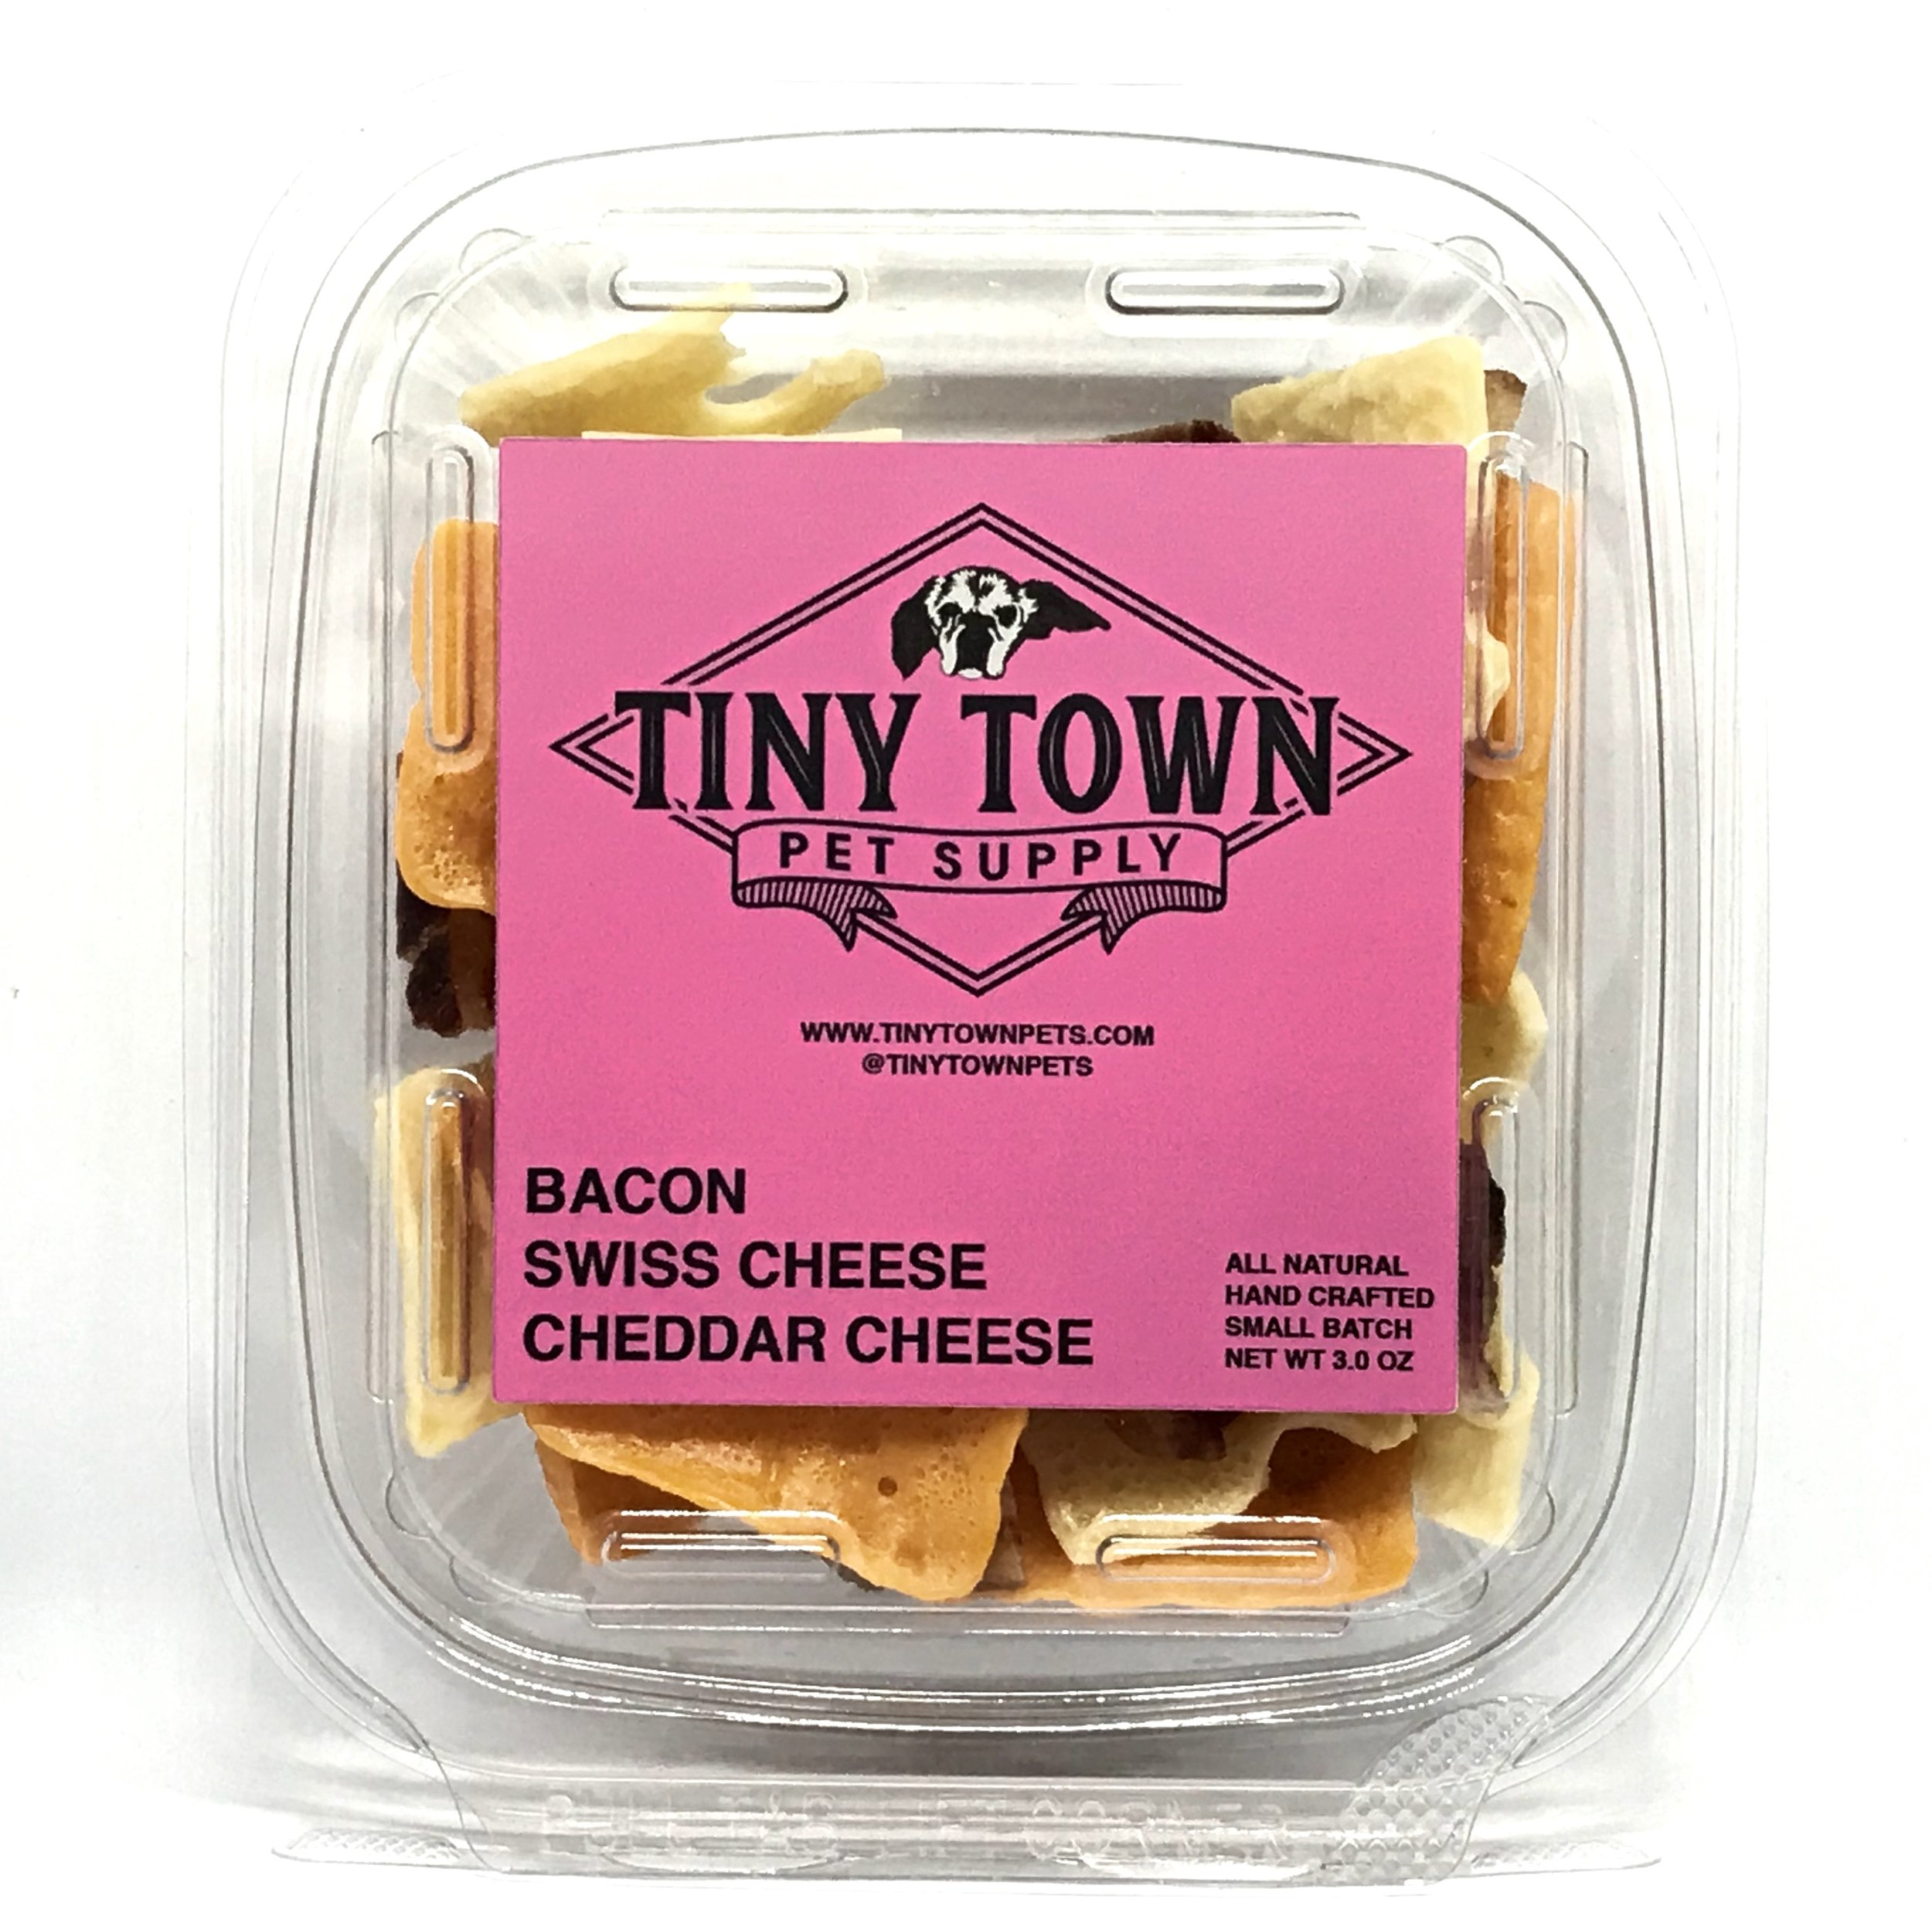 Bacon Treats - $10